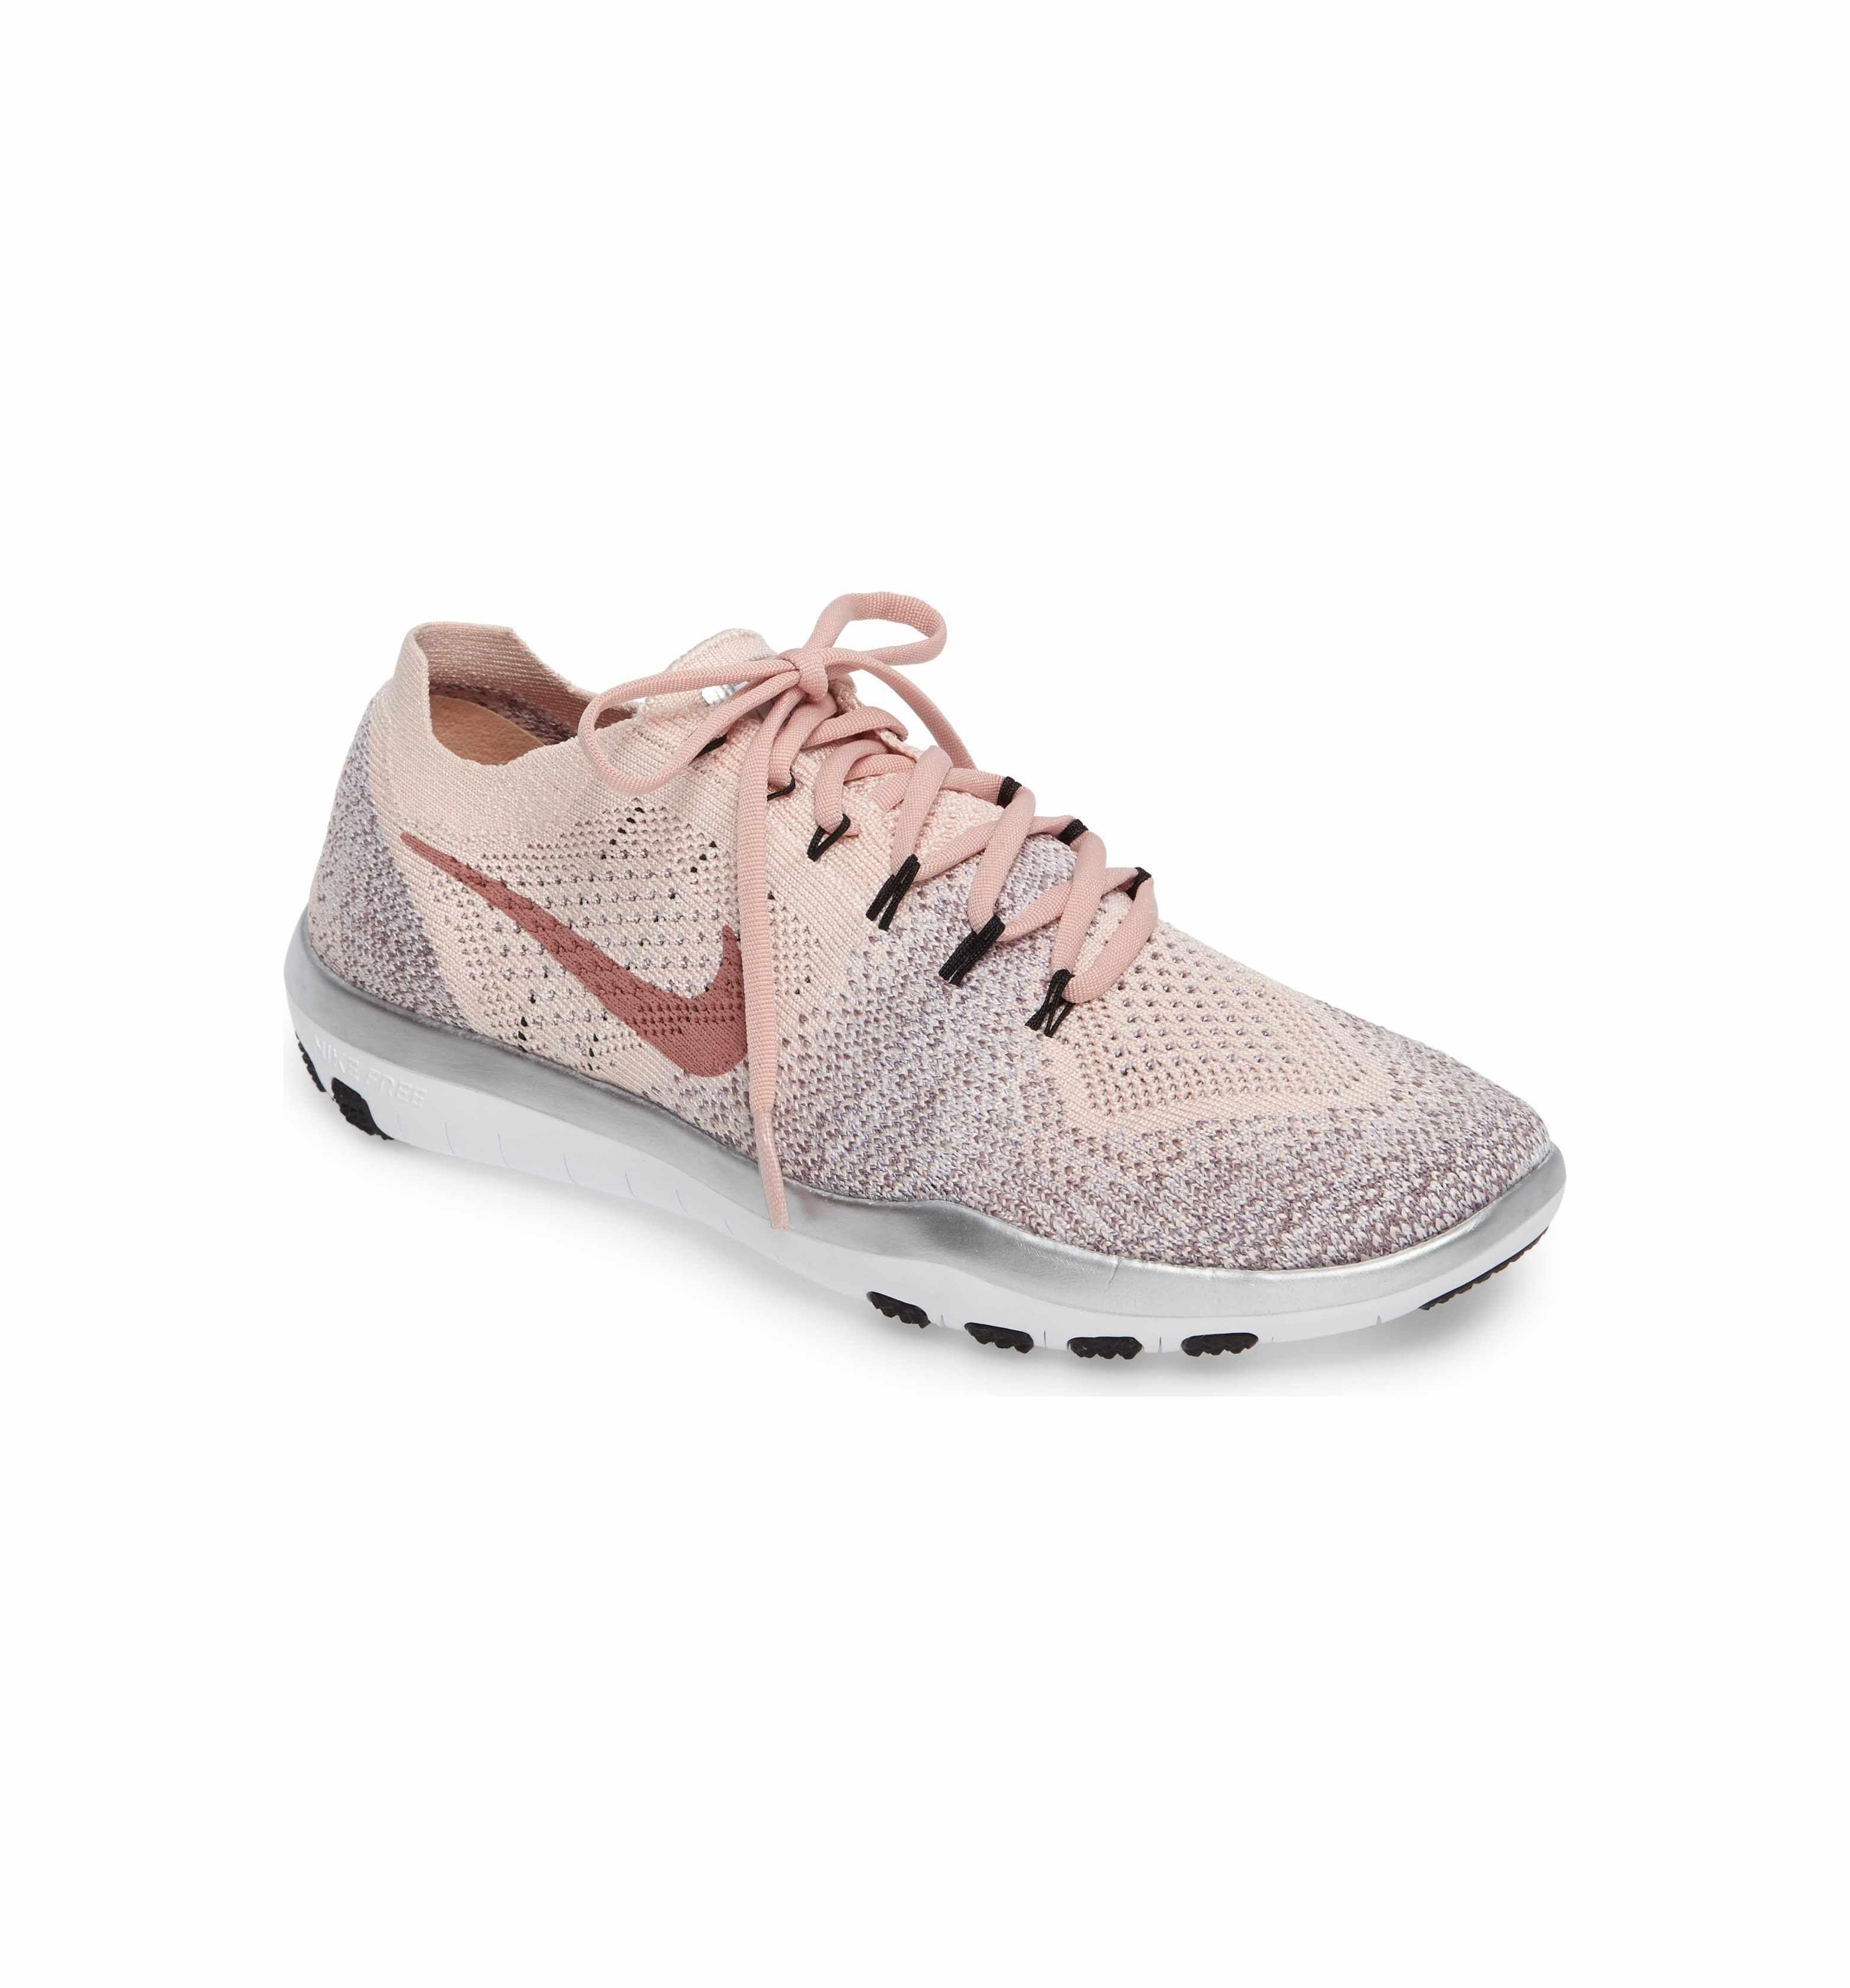 Main Image - Nike Free Focus Flyknit 2 Bionic Training Shoe (Women ... a935a63c09